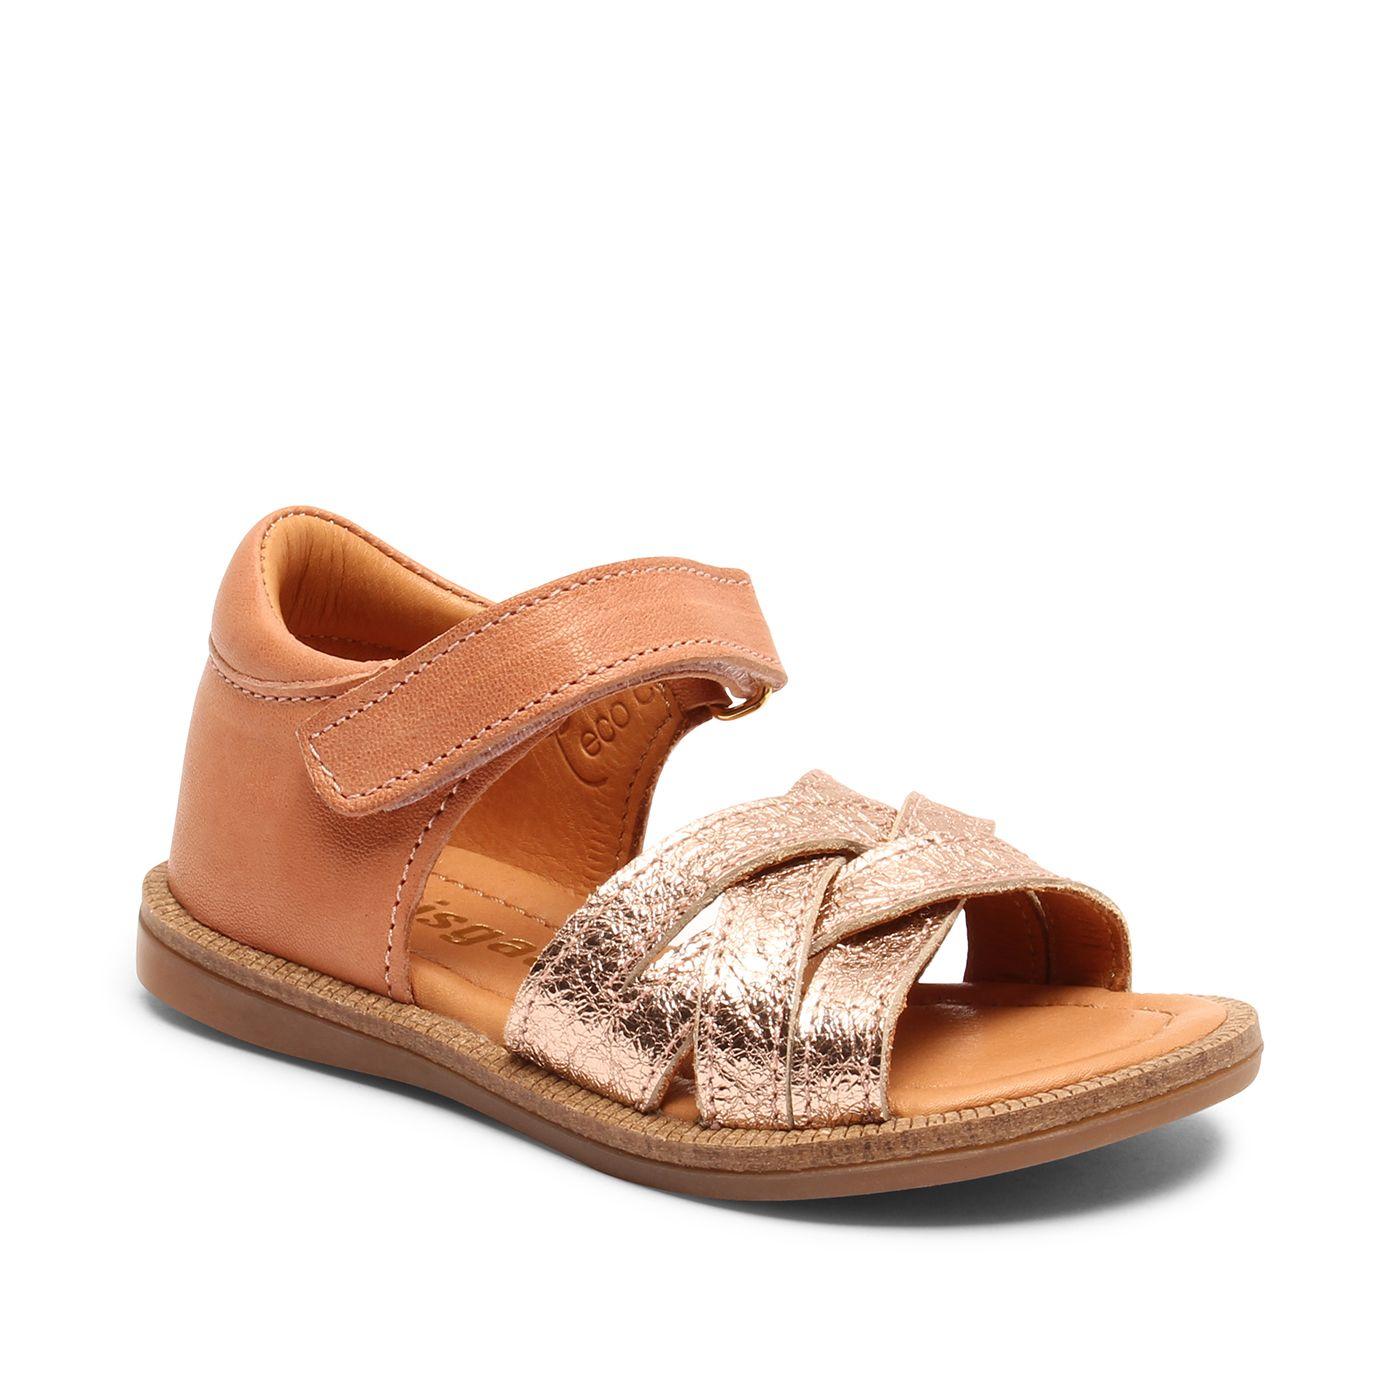 Bisgaard Cannie sandal